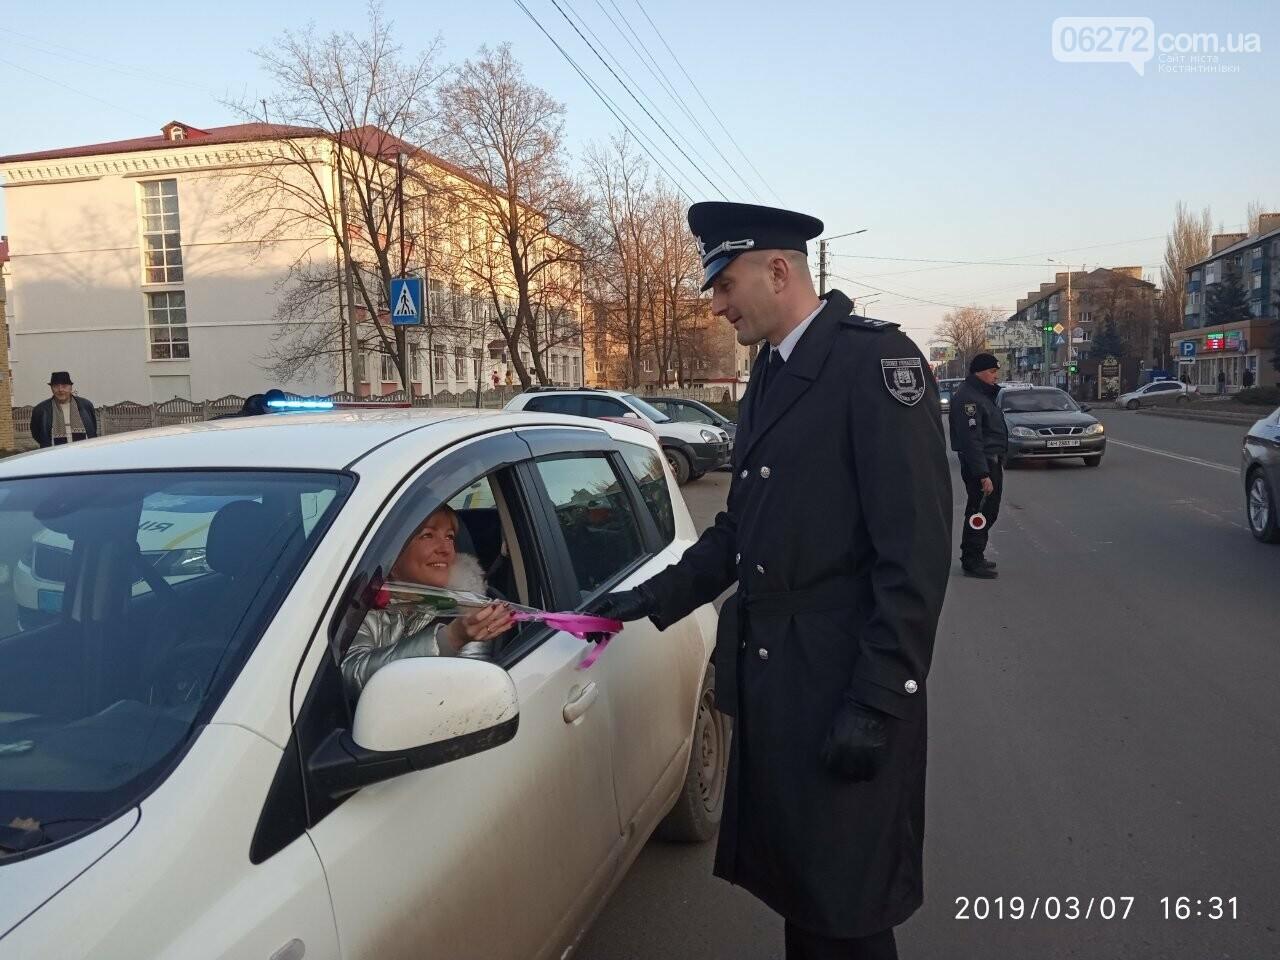 Начальник дорожньої поліції вітав жінок Костянтинівки зі святом (фотофакт), фото-1